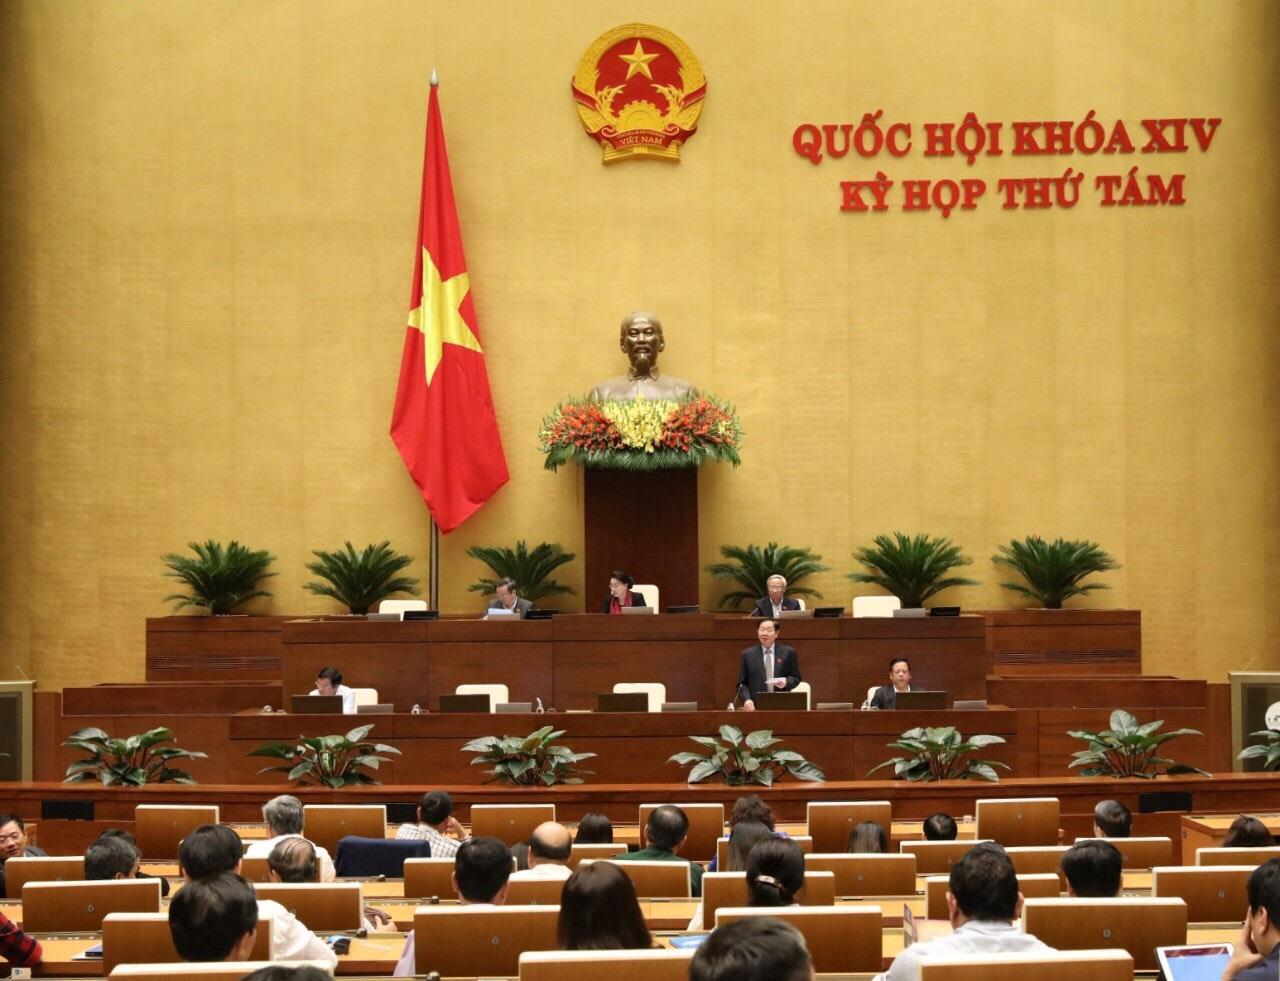 Thành phố: Đại hội Ủy ban MTTQ xã Vĩnh Quang nhiệm kỳ 2019 - 2024